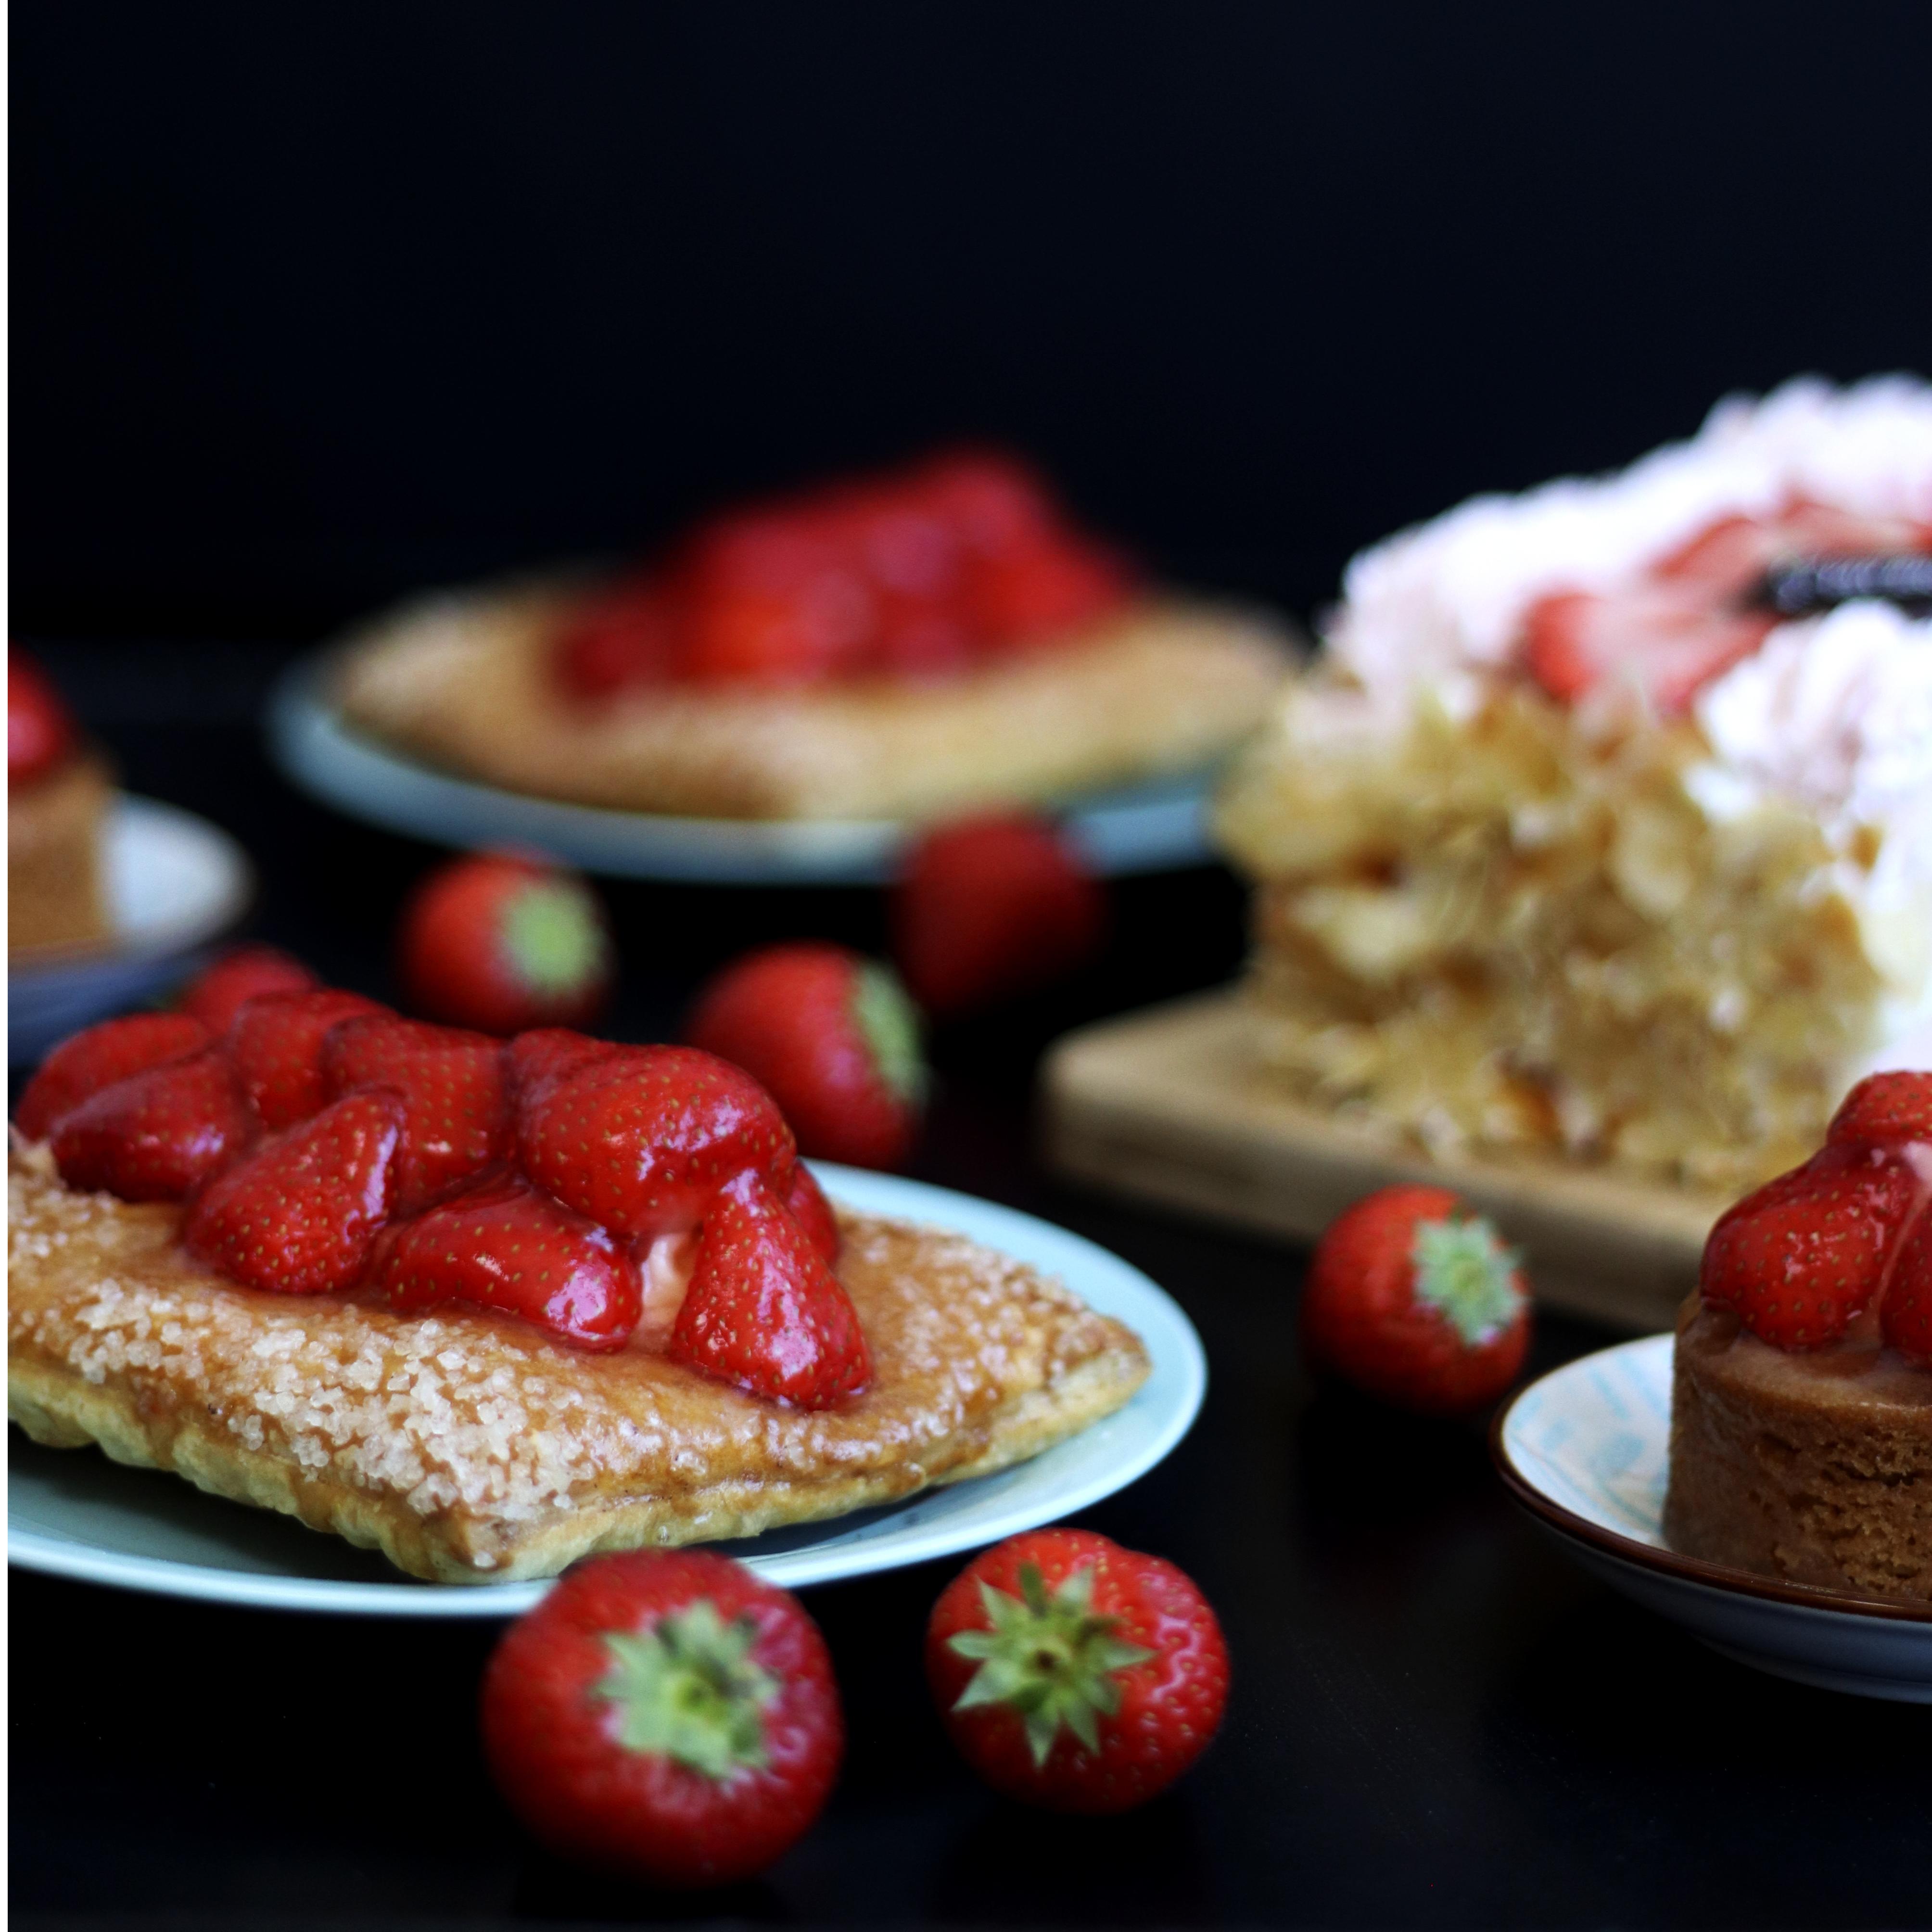 Hmmmm, aardbeien!